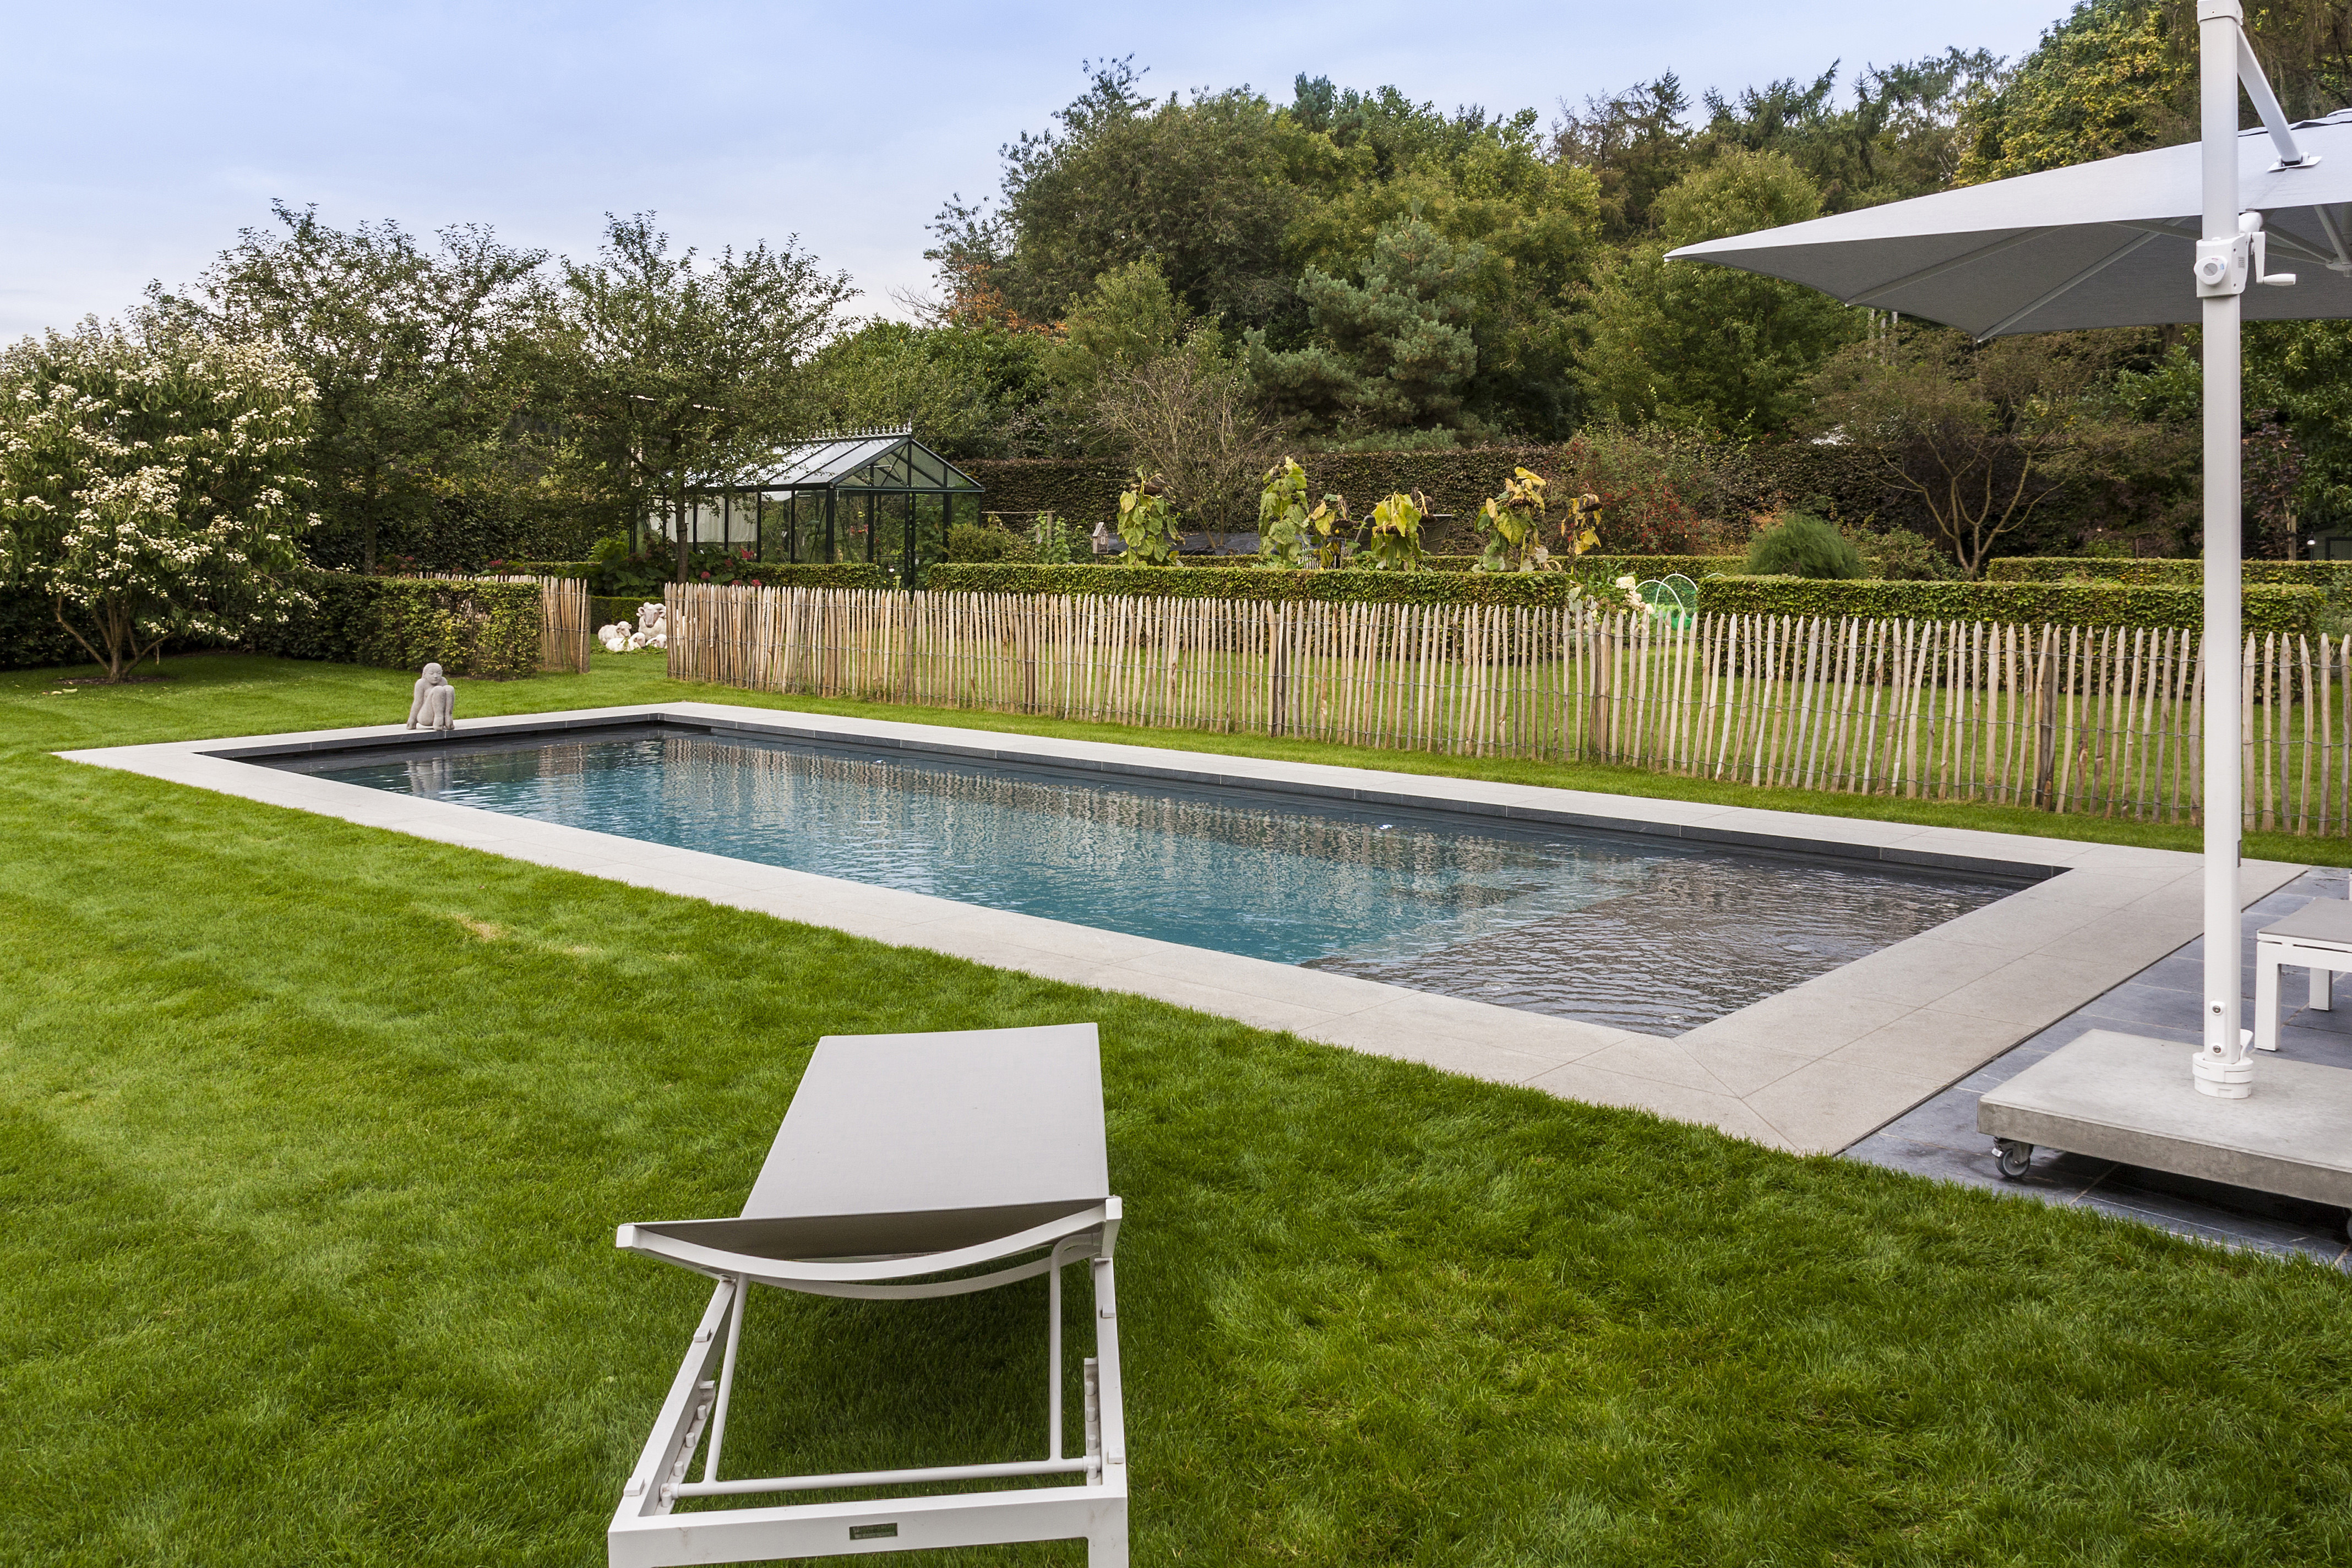 Zwembad van leisure pools zone de jeux agr able pour les bambins piscinesplus - Piscine leisure pools ...